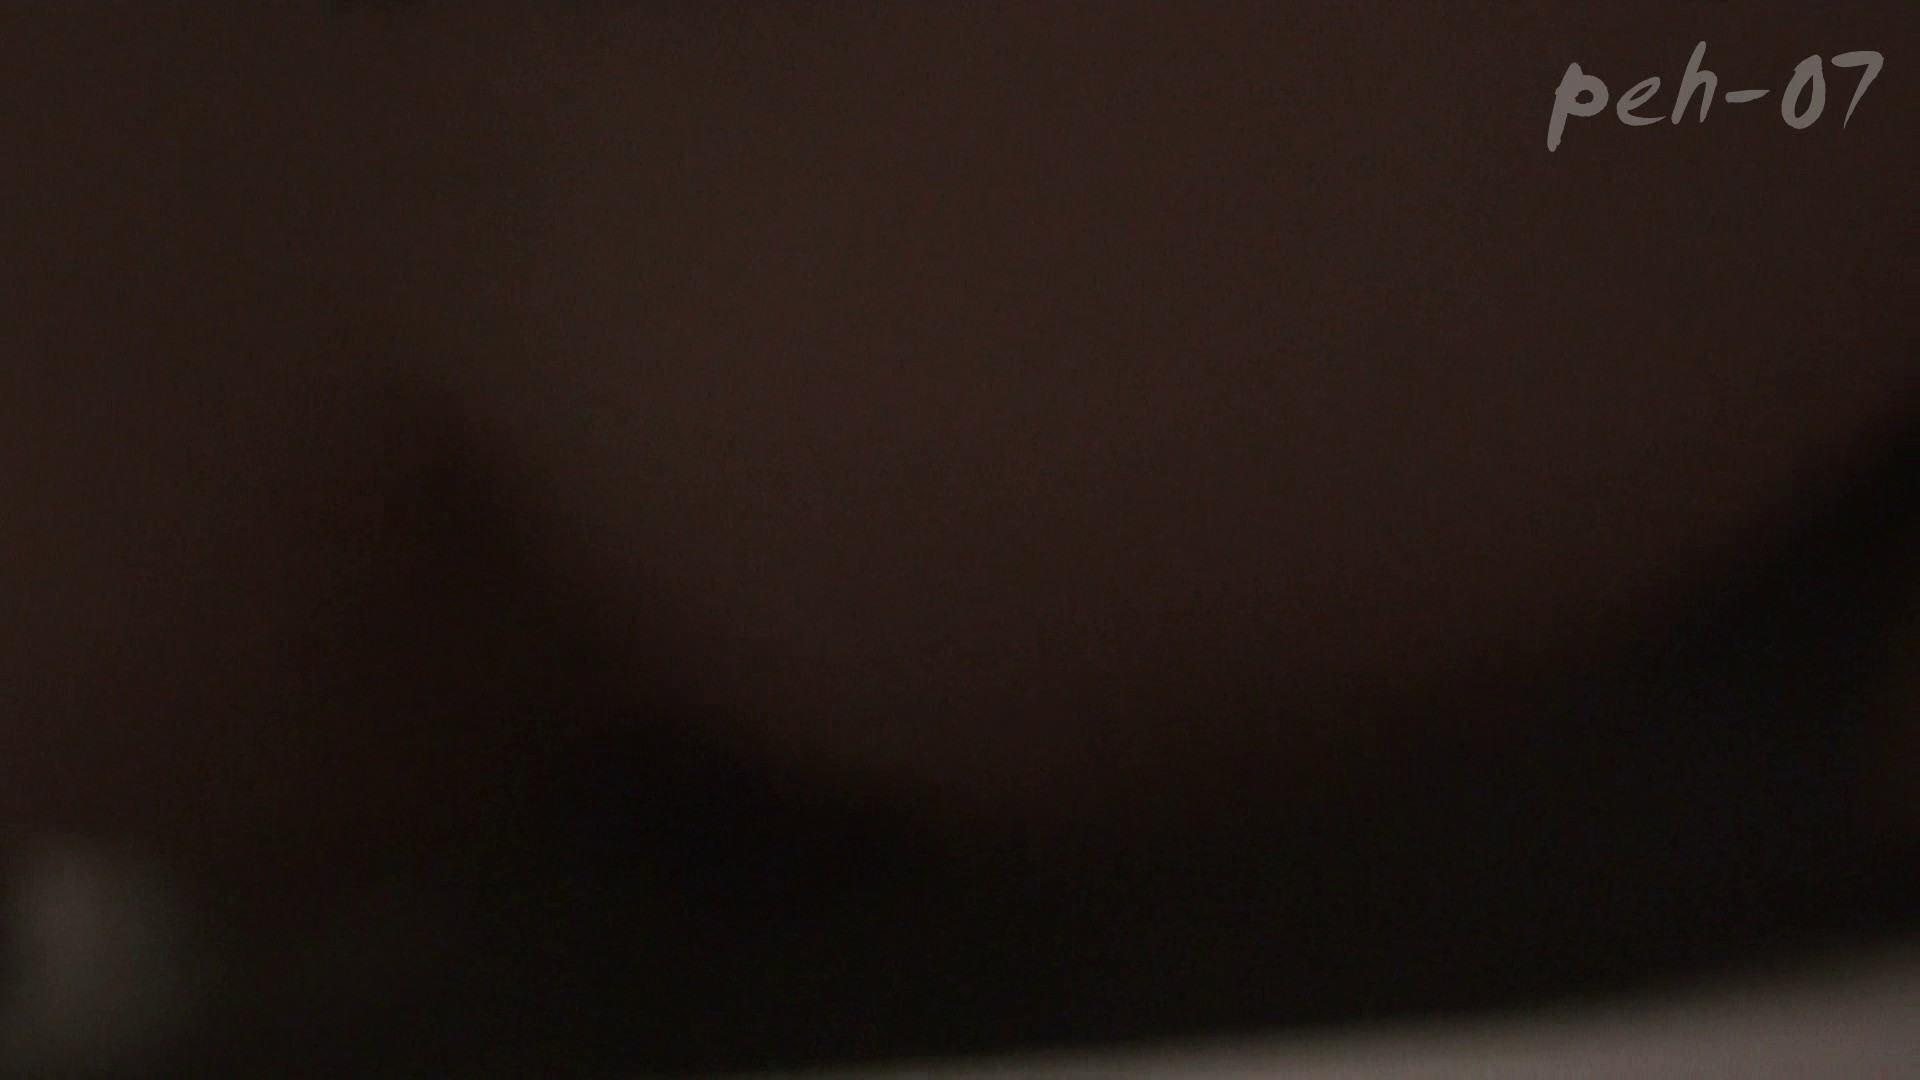 ※100個限定販売 至高下半身盗撮 プレミアム Vol.7 ハイビジョン 盗撮編  99枚 80